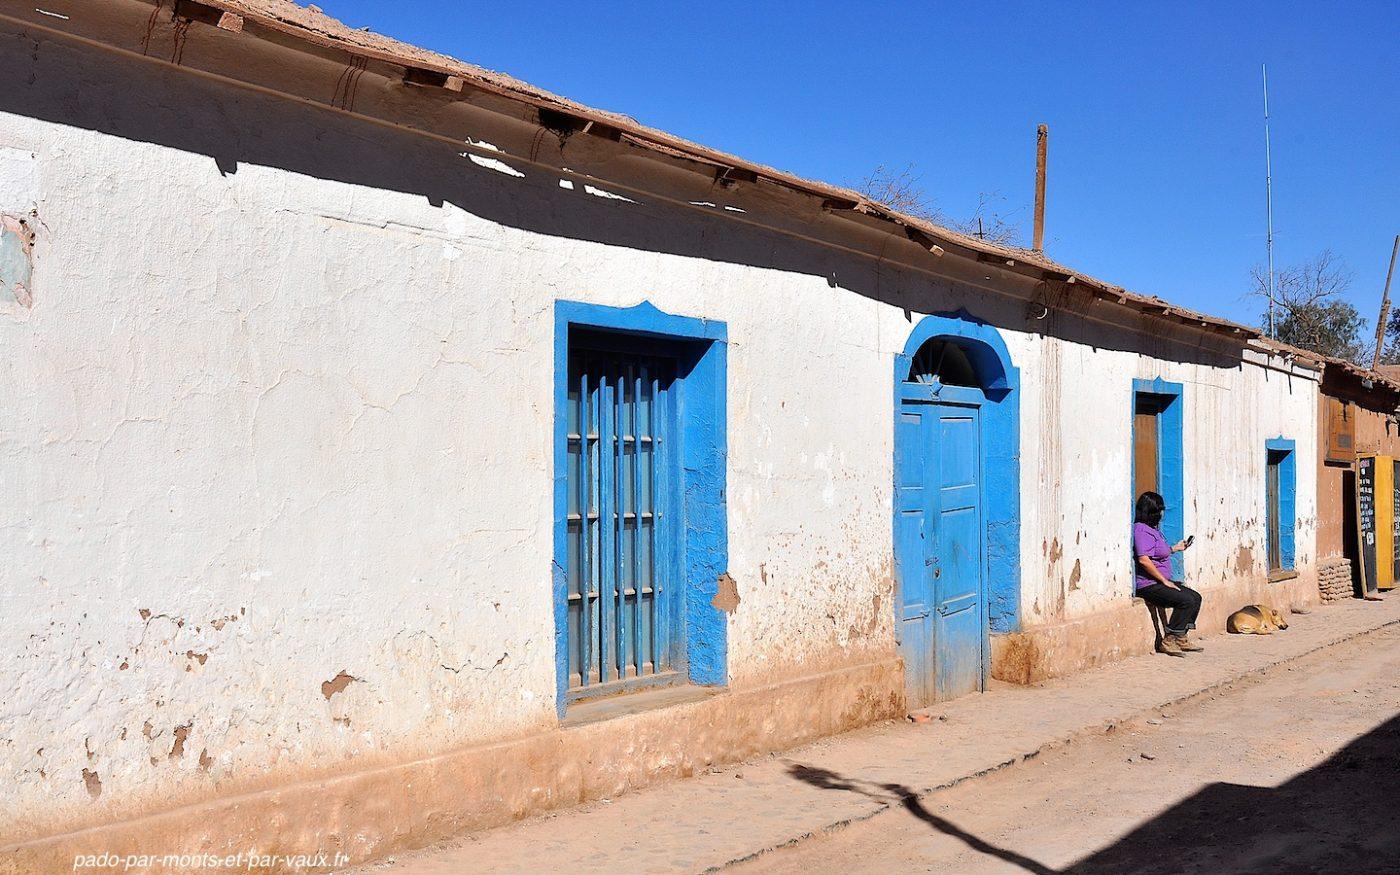 San Pedro d'Atacama